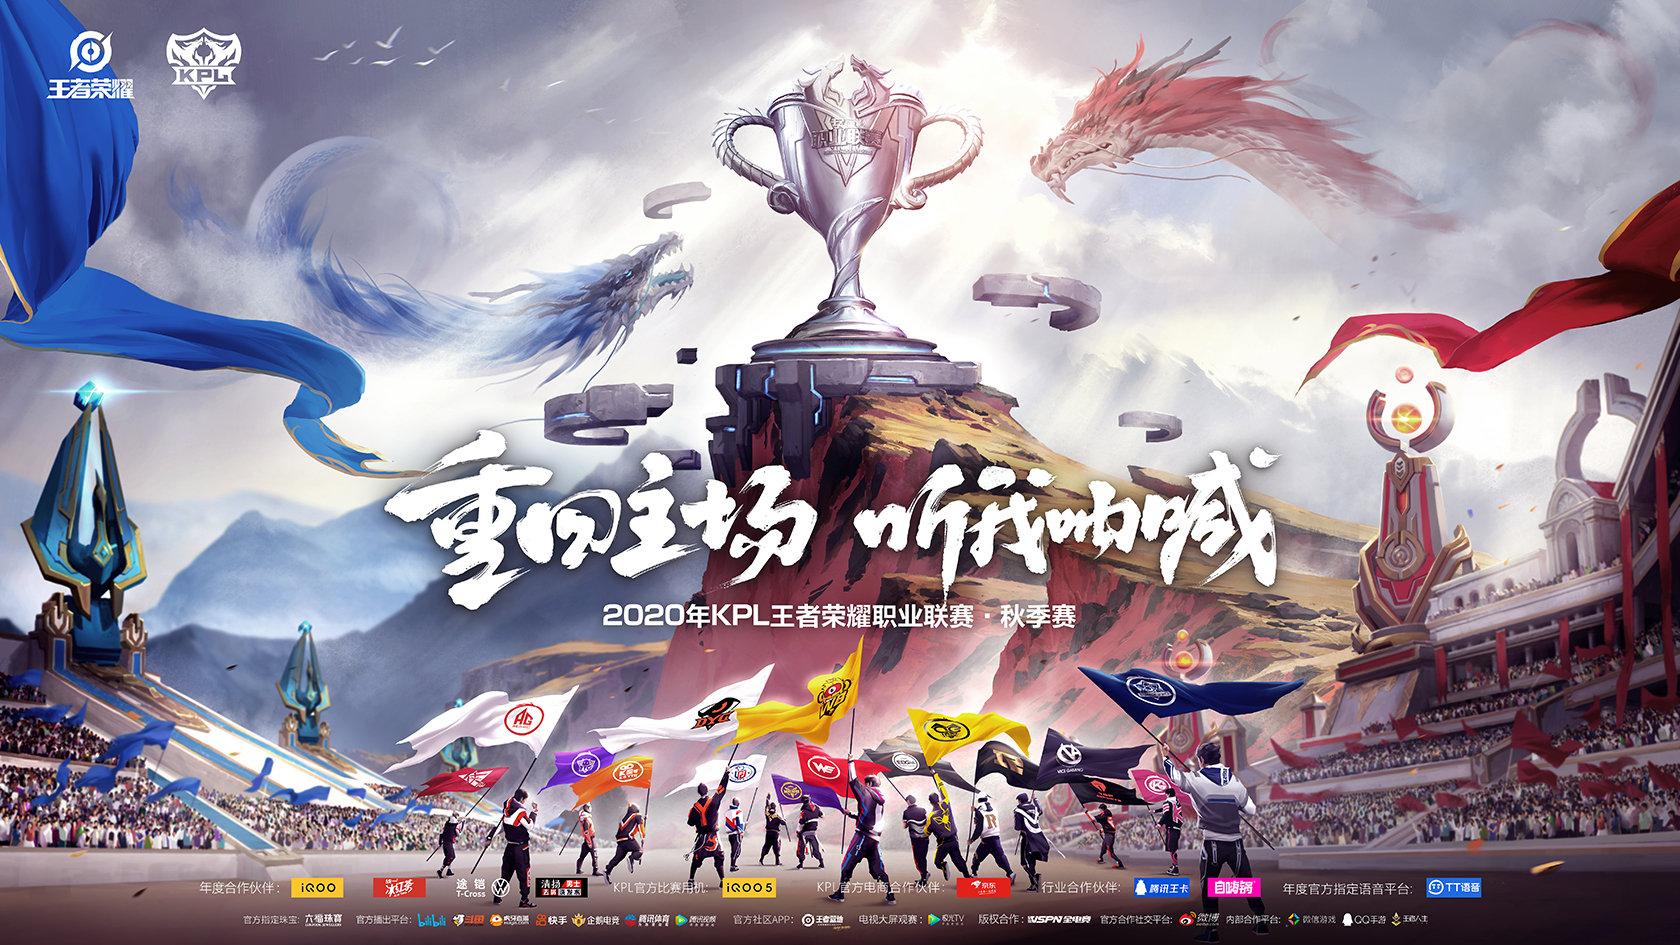 2020kpl秋季赛常规赛9月16日AG超玩会vsWB.TS第三场比赛视频回放